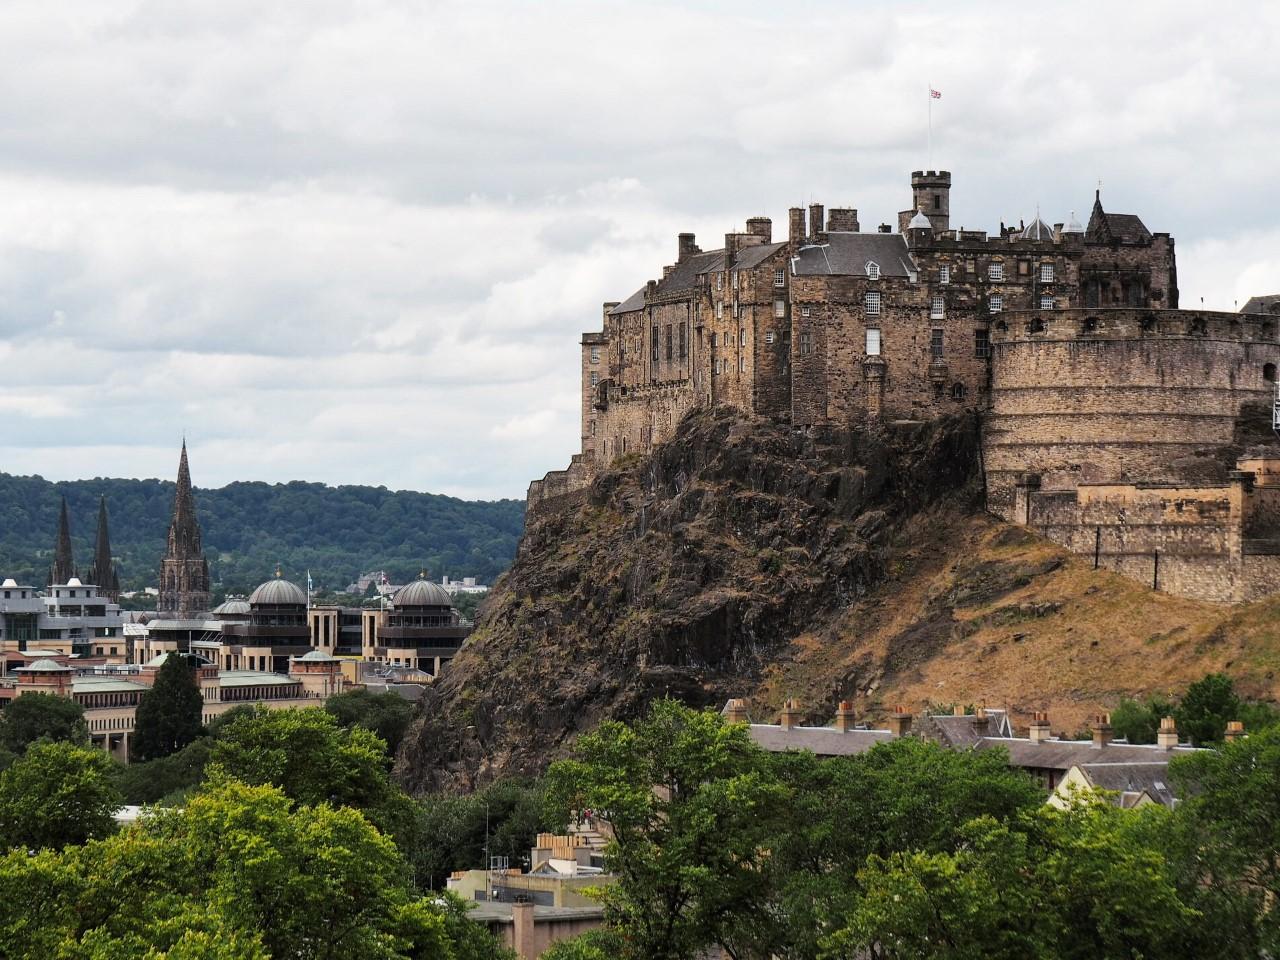 Le Château d'Édimbourg vu de la terrasse du Musée national d'Écosse. Photo: Marie-Julie Gagnon